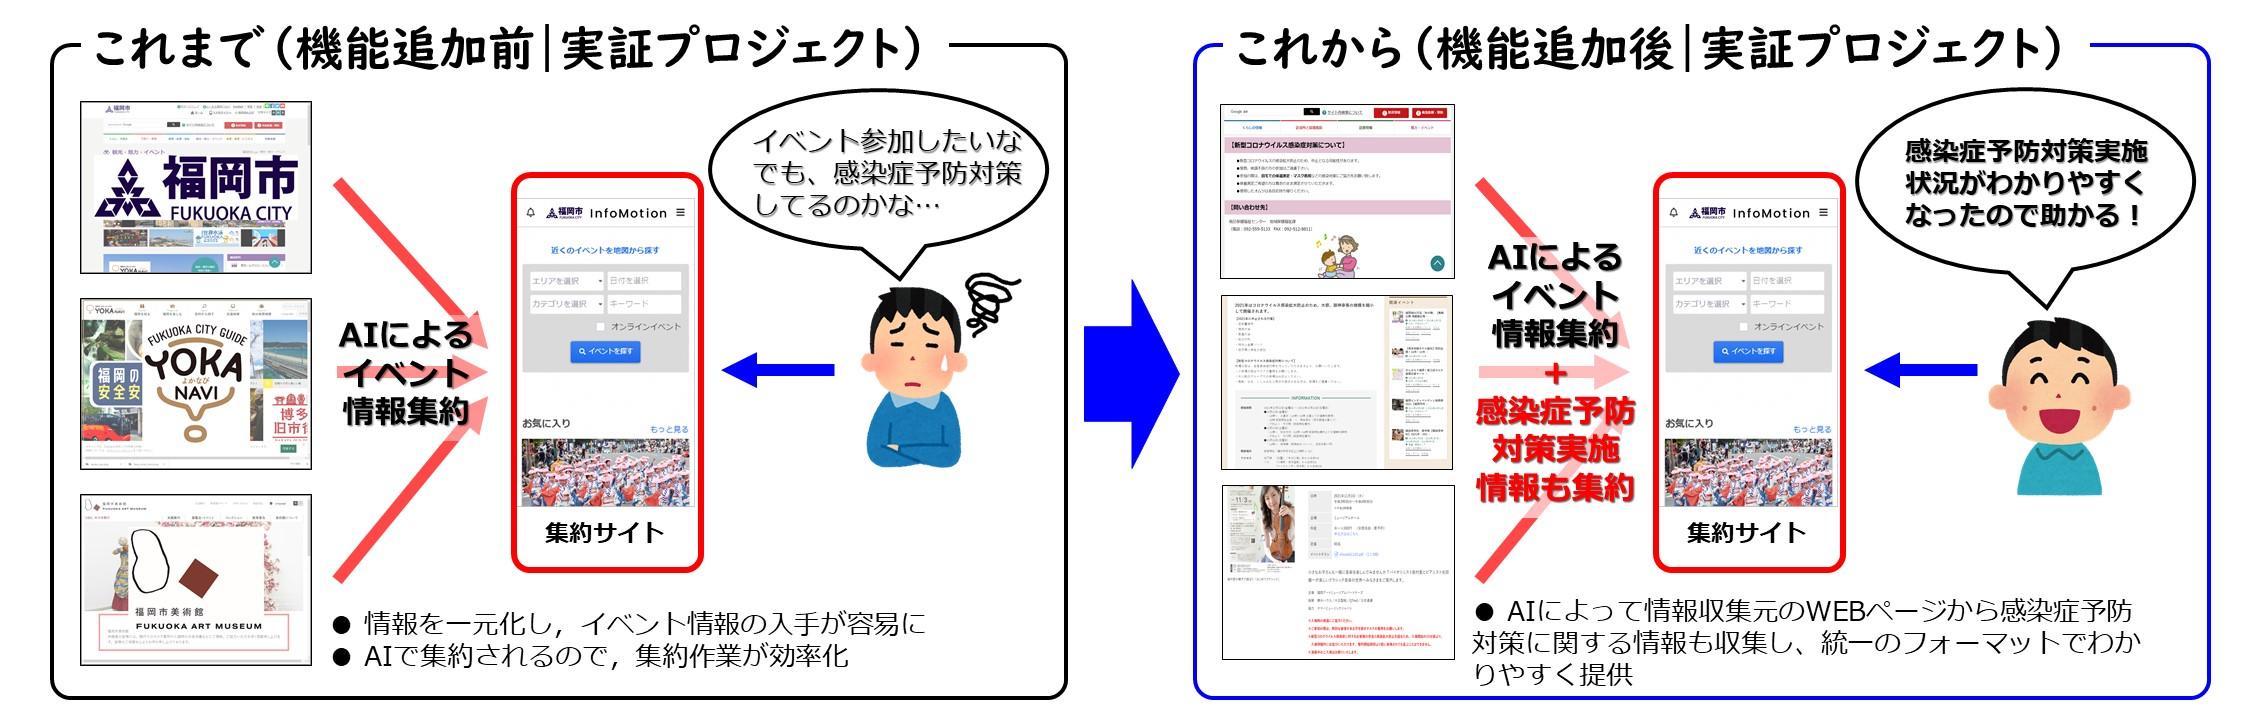 (業務効率化・市民サービス向上実証プロジェクト)AIを活用したイベント情報集約サイト「InfoMotion福岡」にて感染症予防対策情報を追加配信開始!